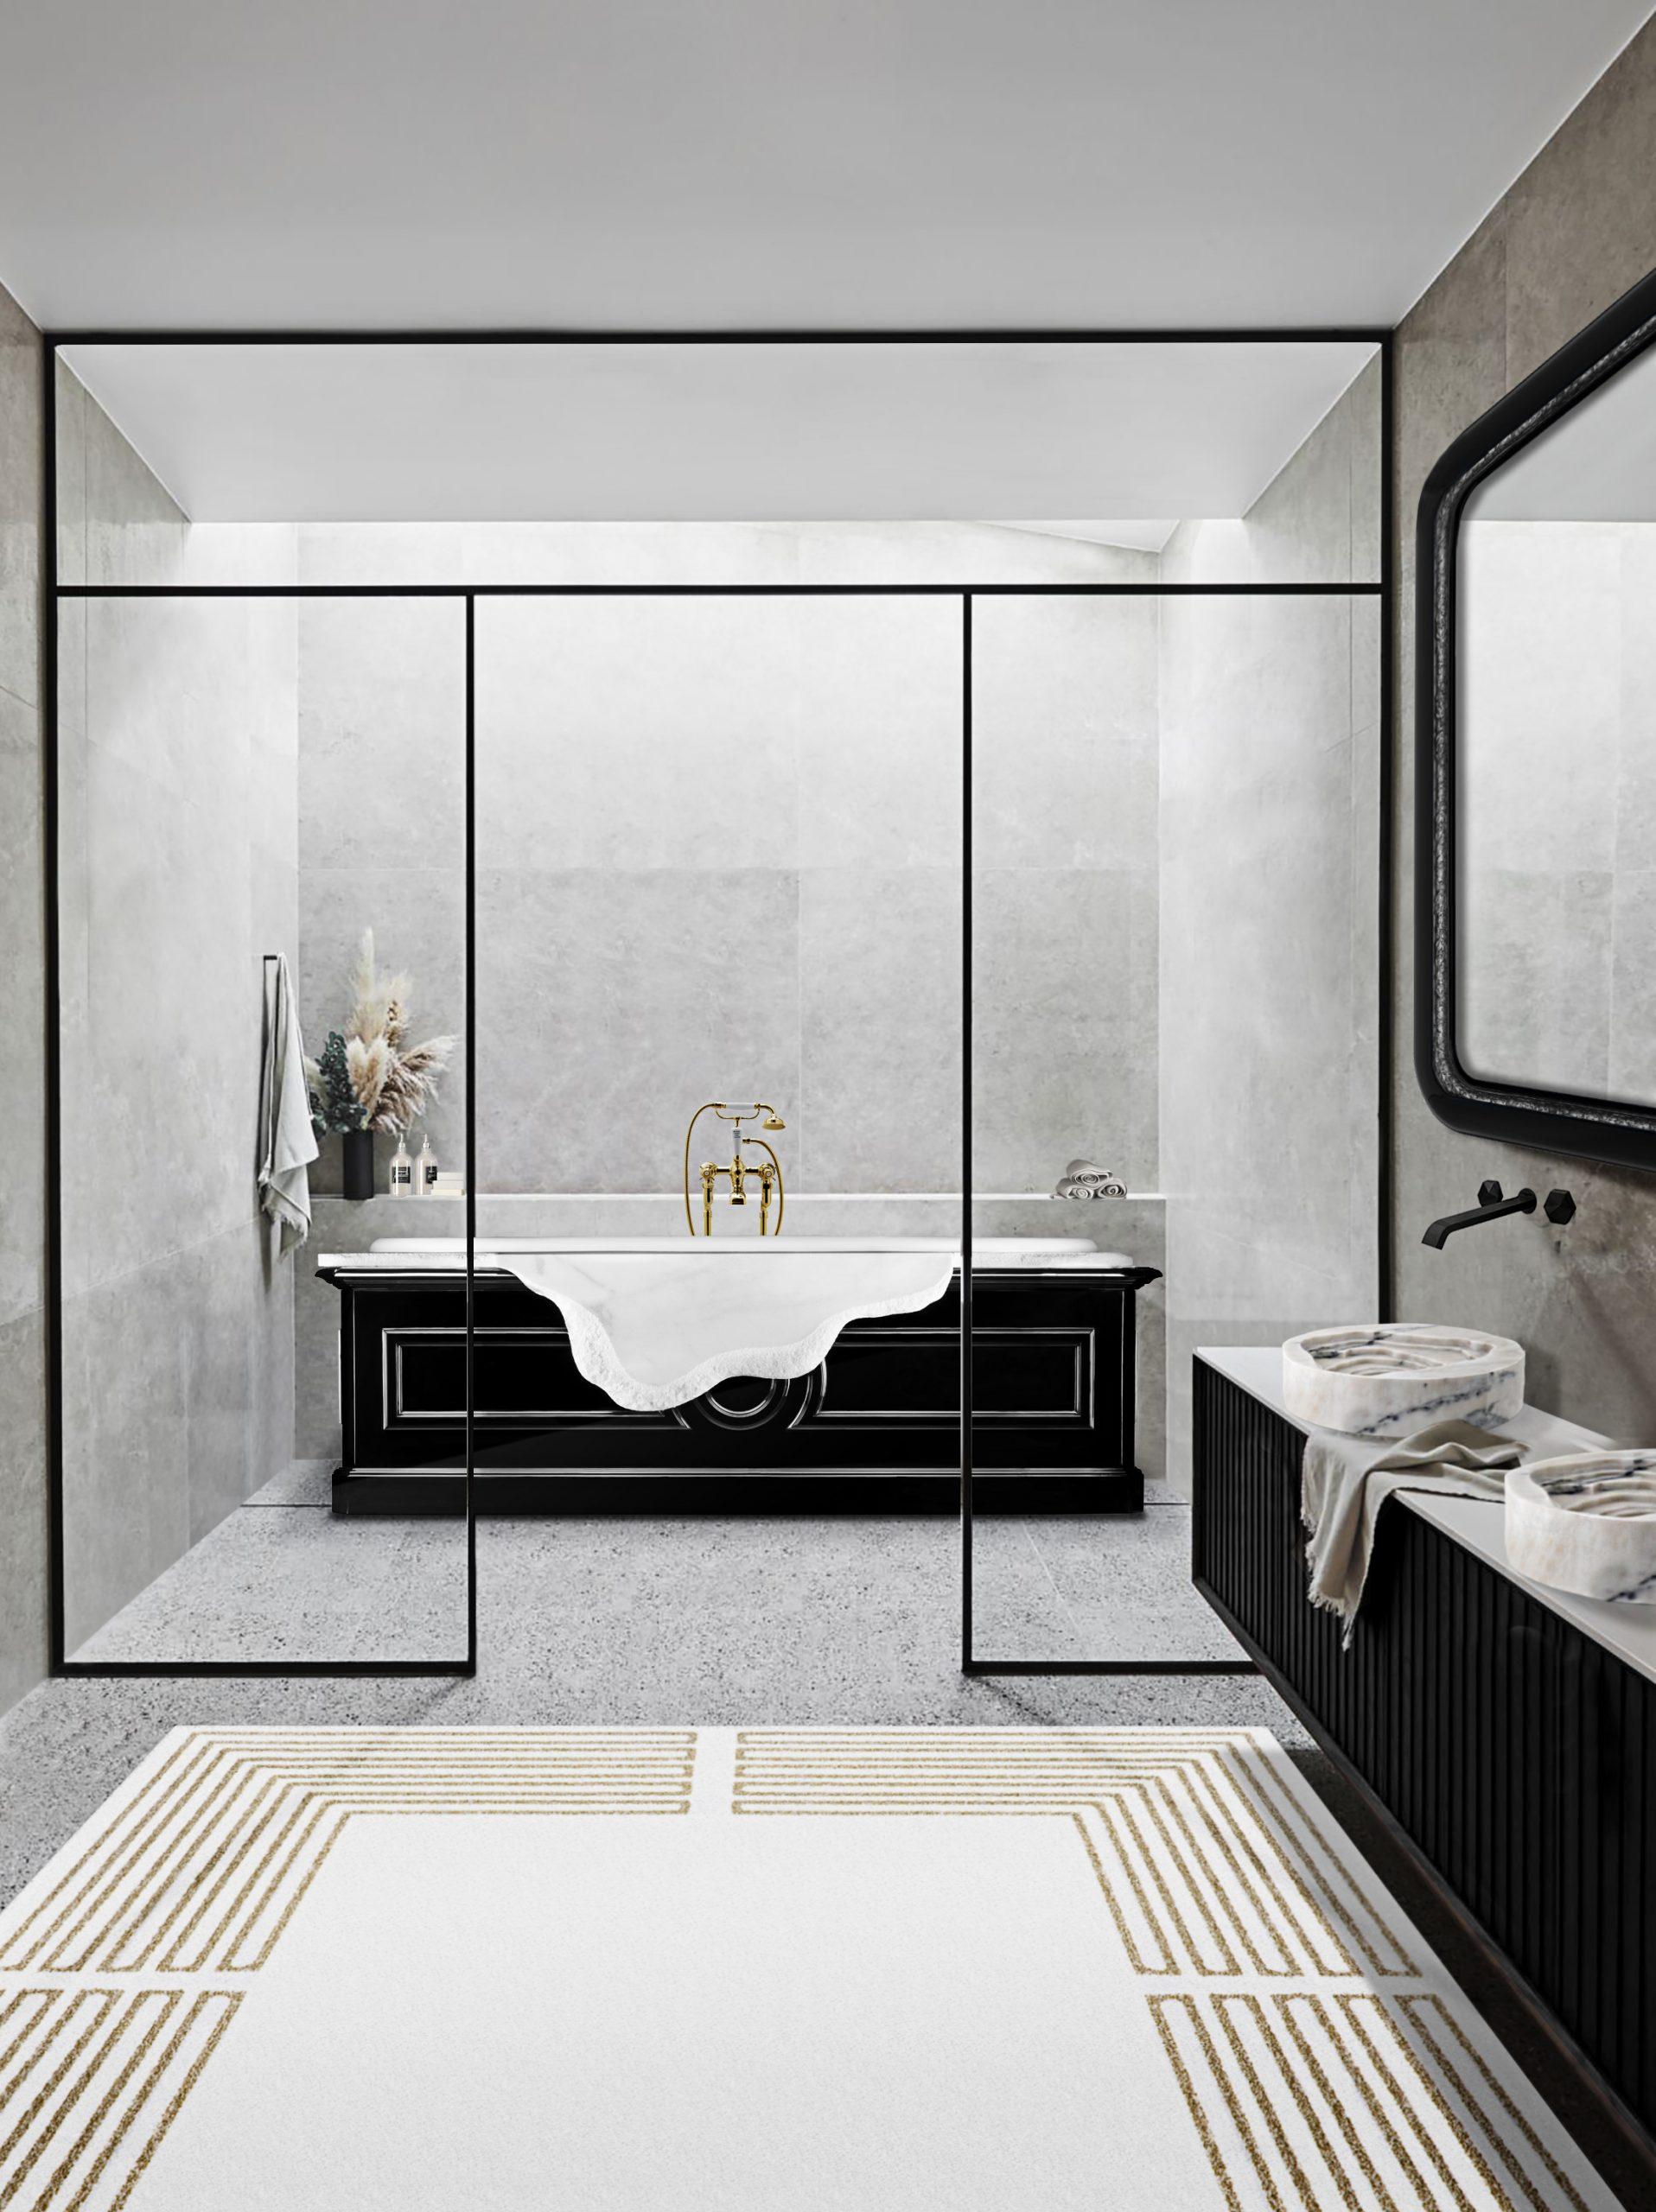 Petra Bathroom - Interior Design Ideas For Your Bathroom home inspiration ideas